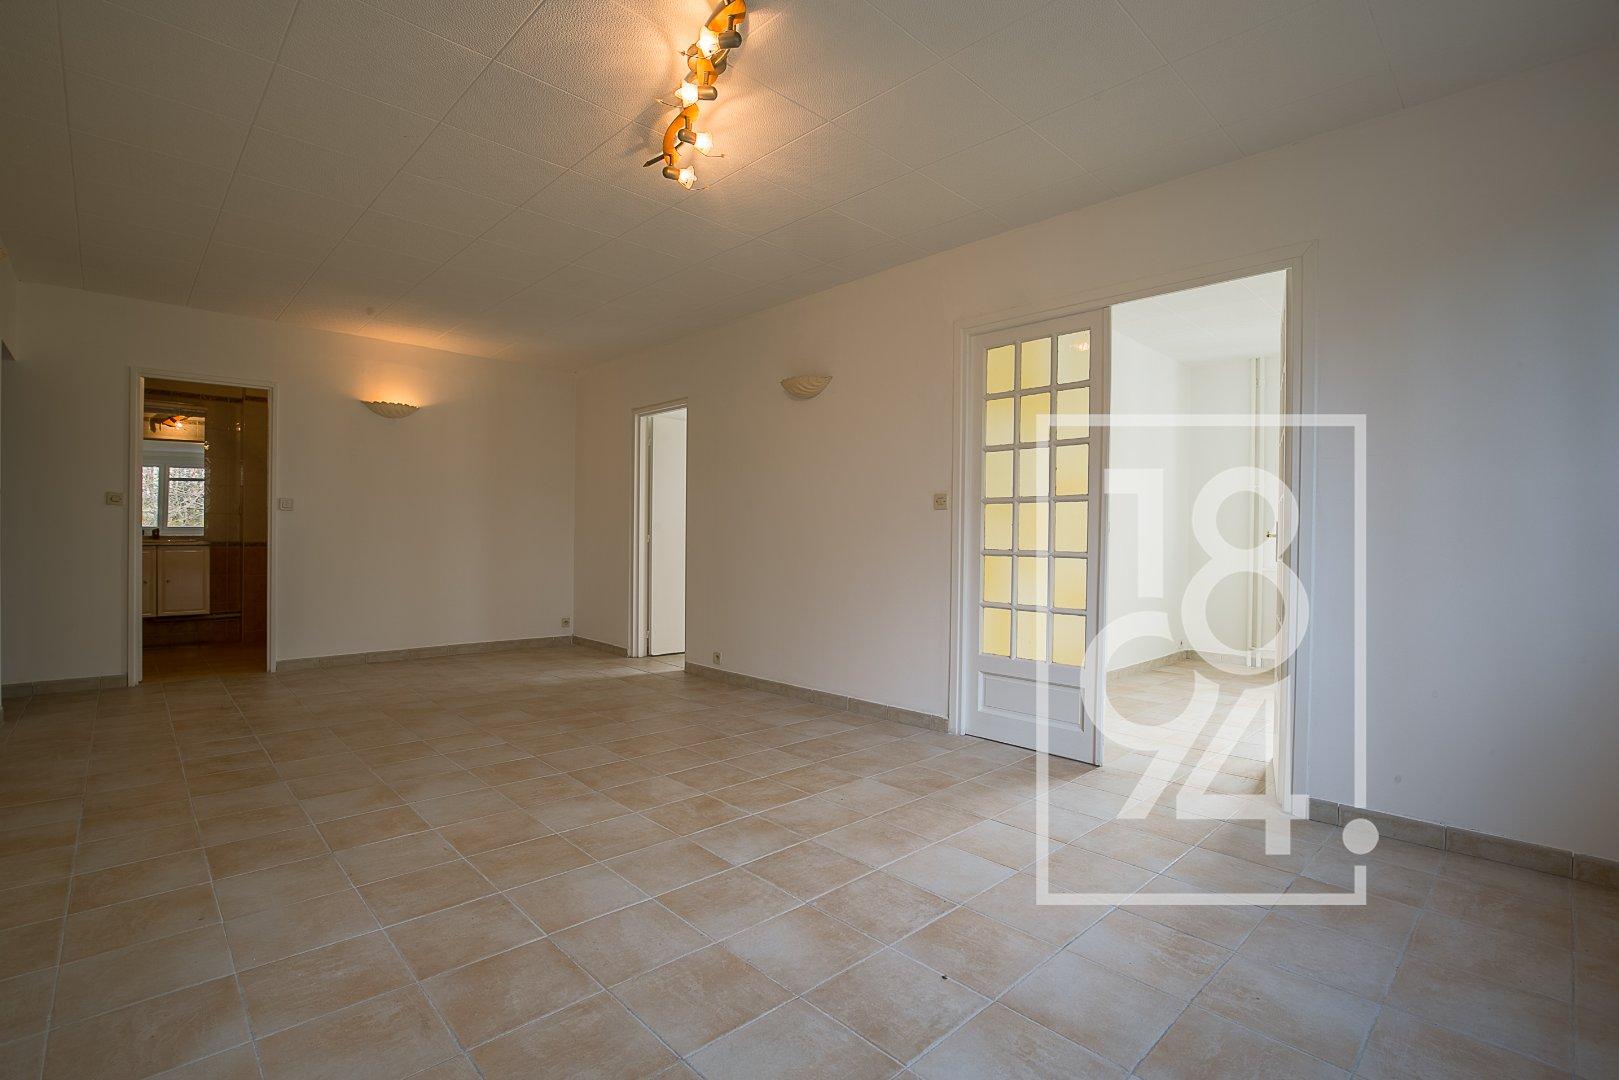 Appartement type 3 de 70 m2 dans le secteur de SAINT-LOUP